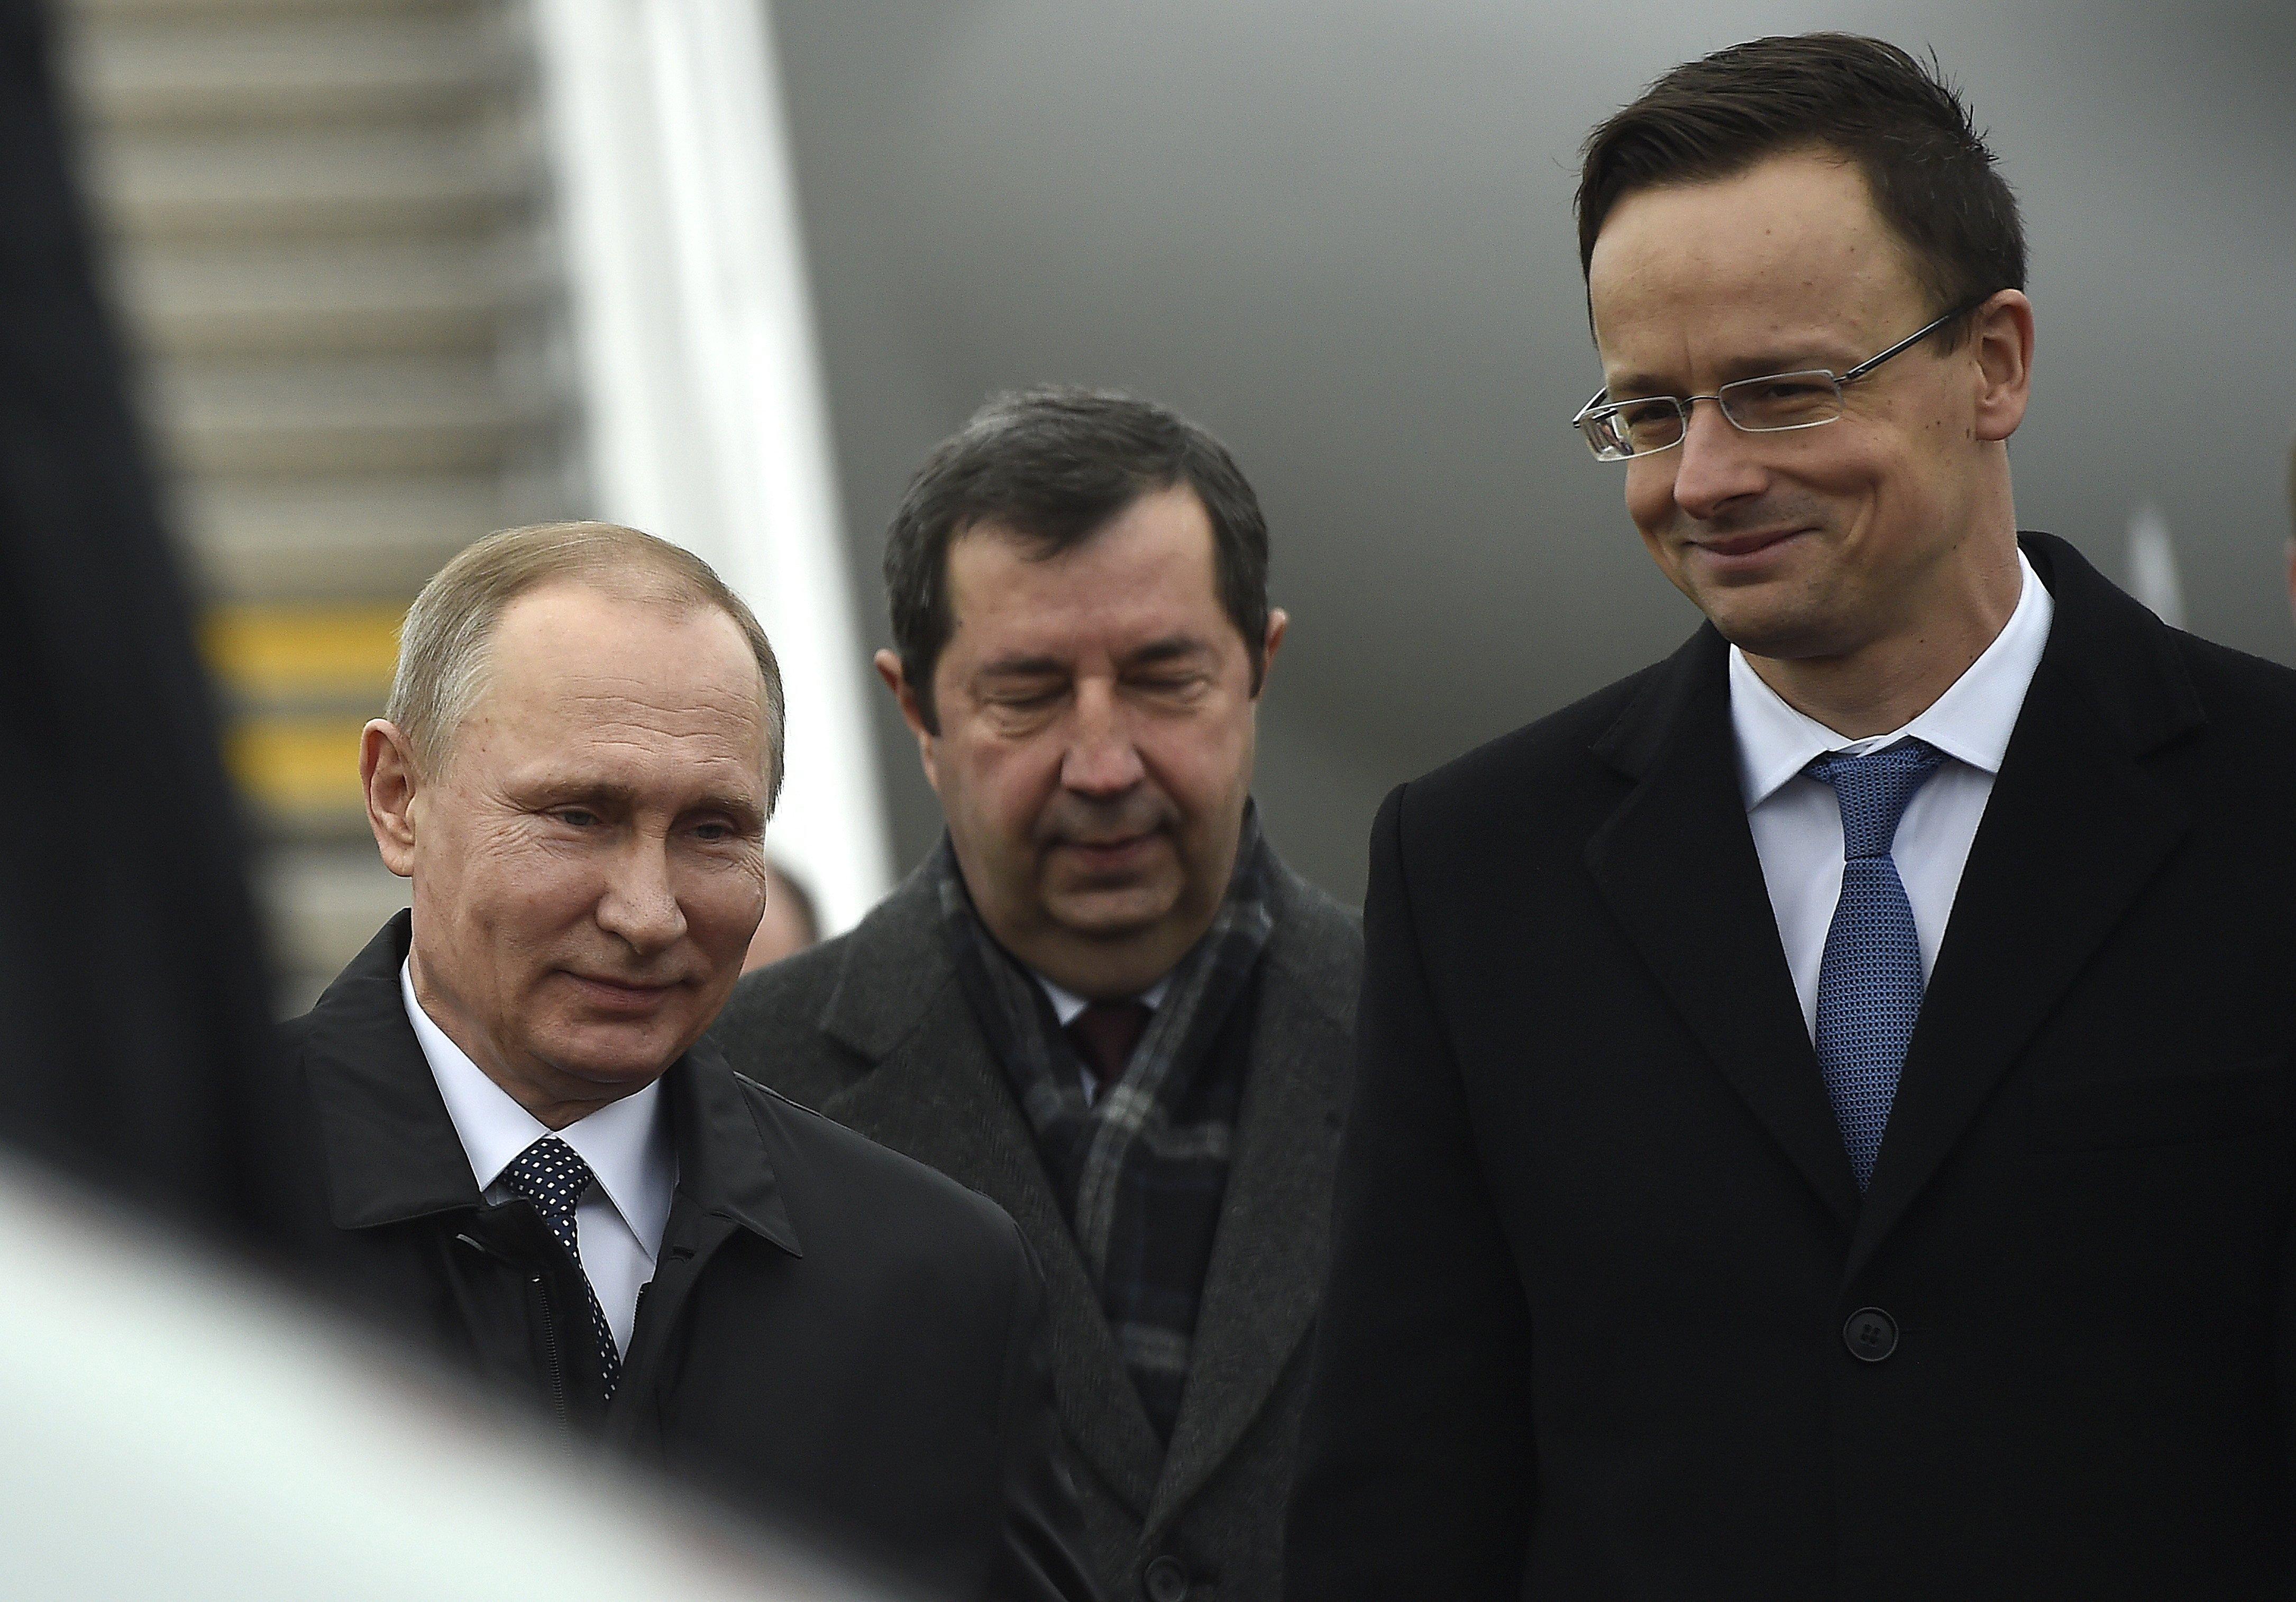 Álhír, hogy Putyin befolyása alá került Orbán – mondta az orosz nagykövet a fideszes médiának